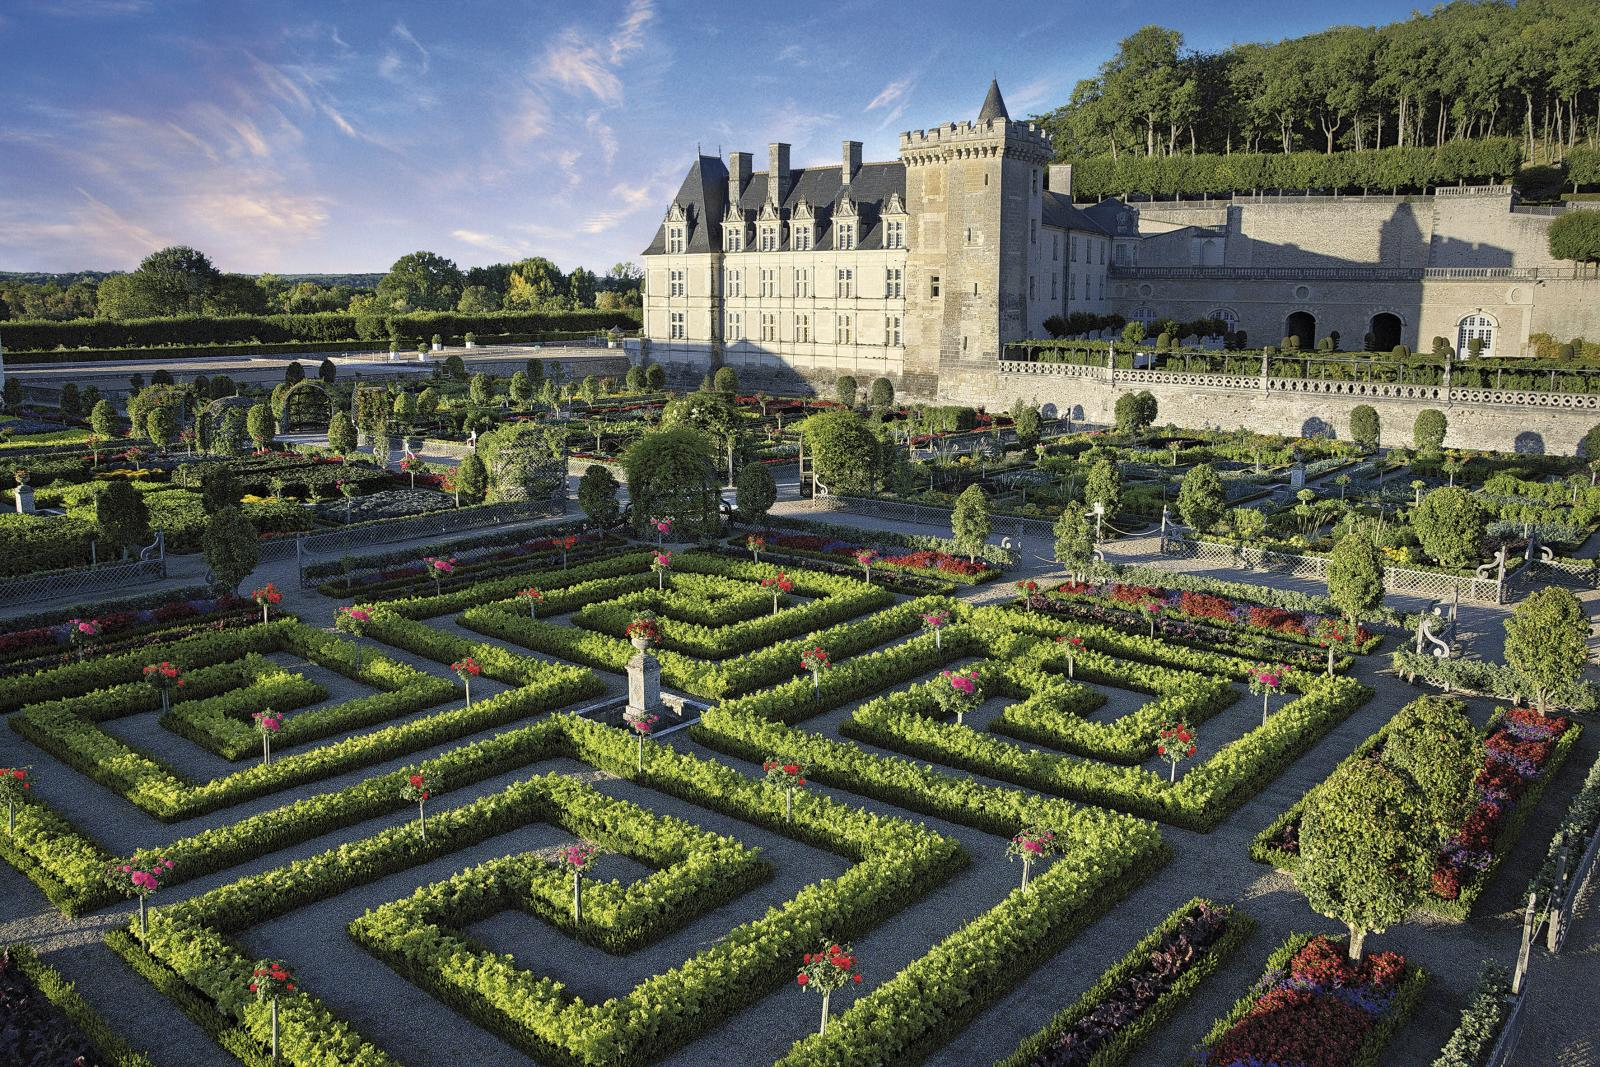 Le château de Villandry et ses jardins remarquables. © F. Paillet